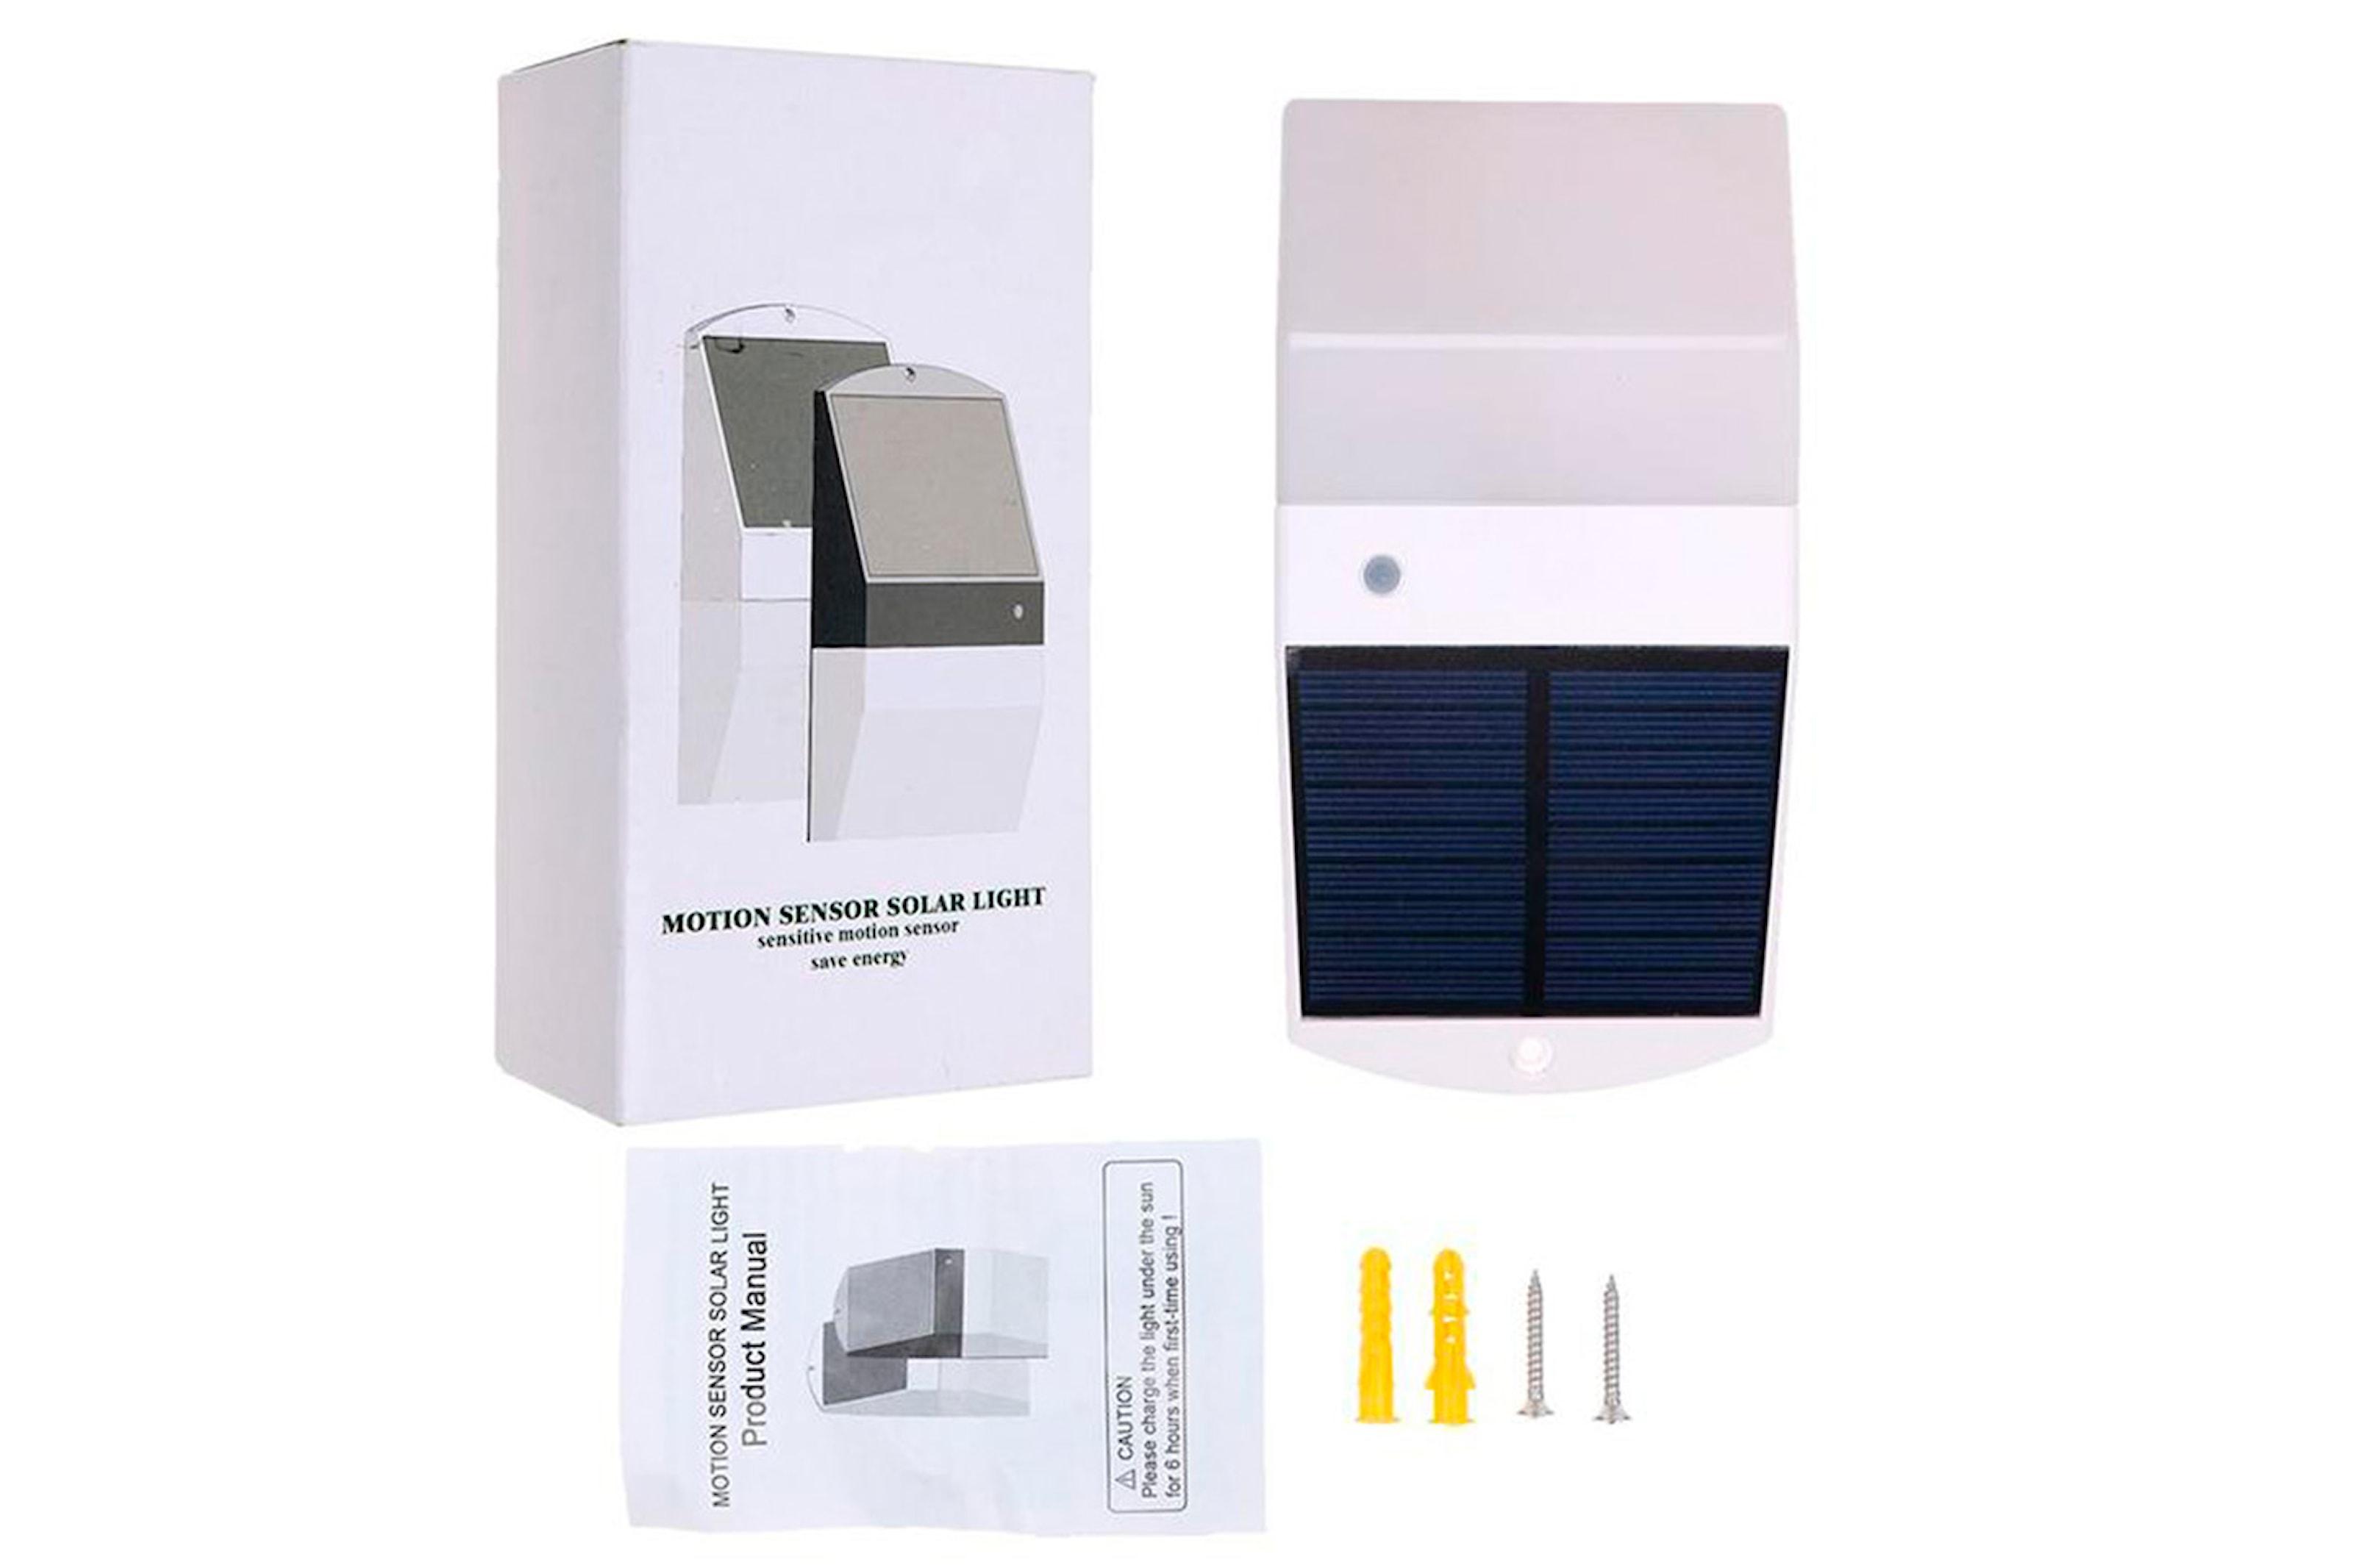 Utendørs solcellelampe med sensor og LED